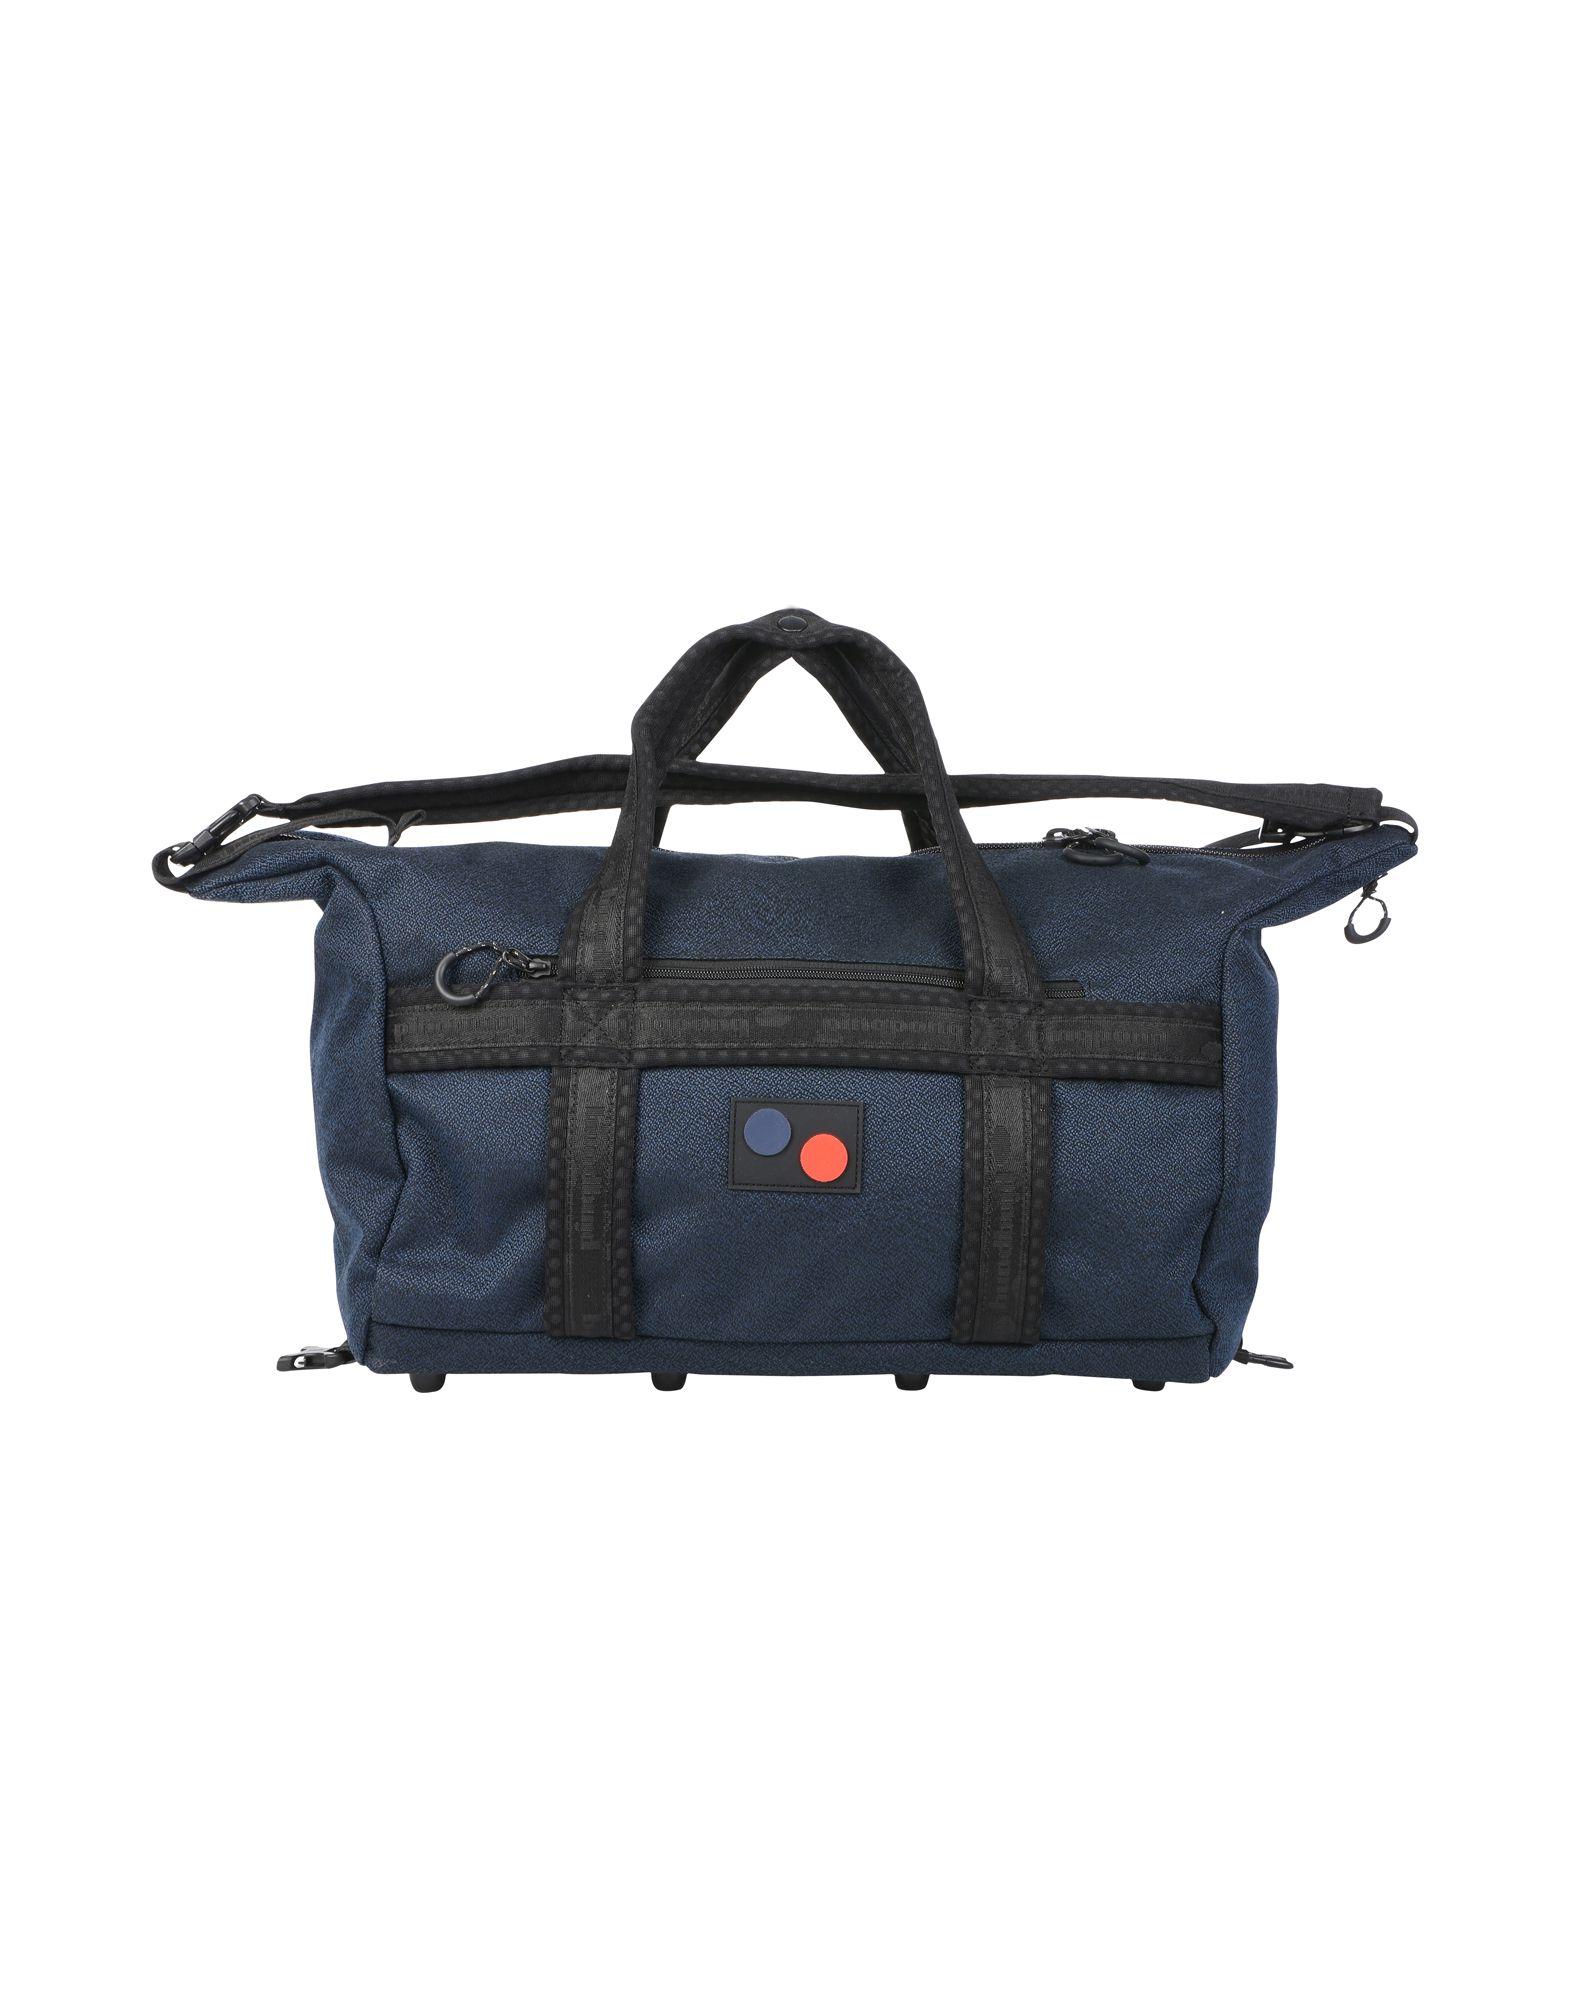 《送料無料》PINQPONQ Unisex 旅行バッグ ブルー ポリエステル 100% KARAVAN